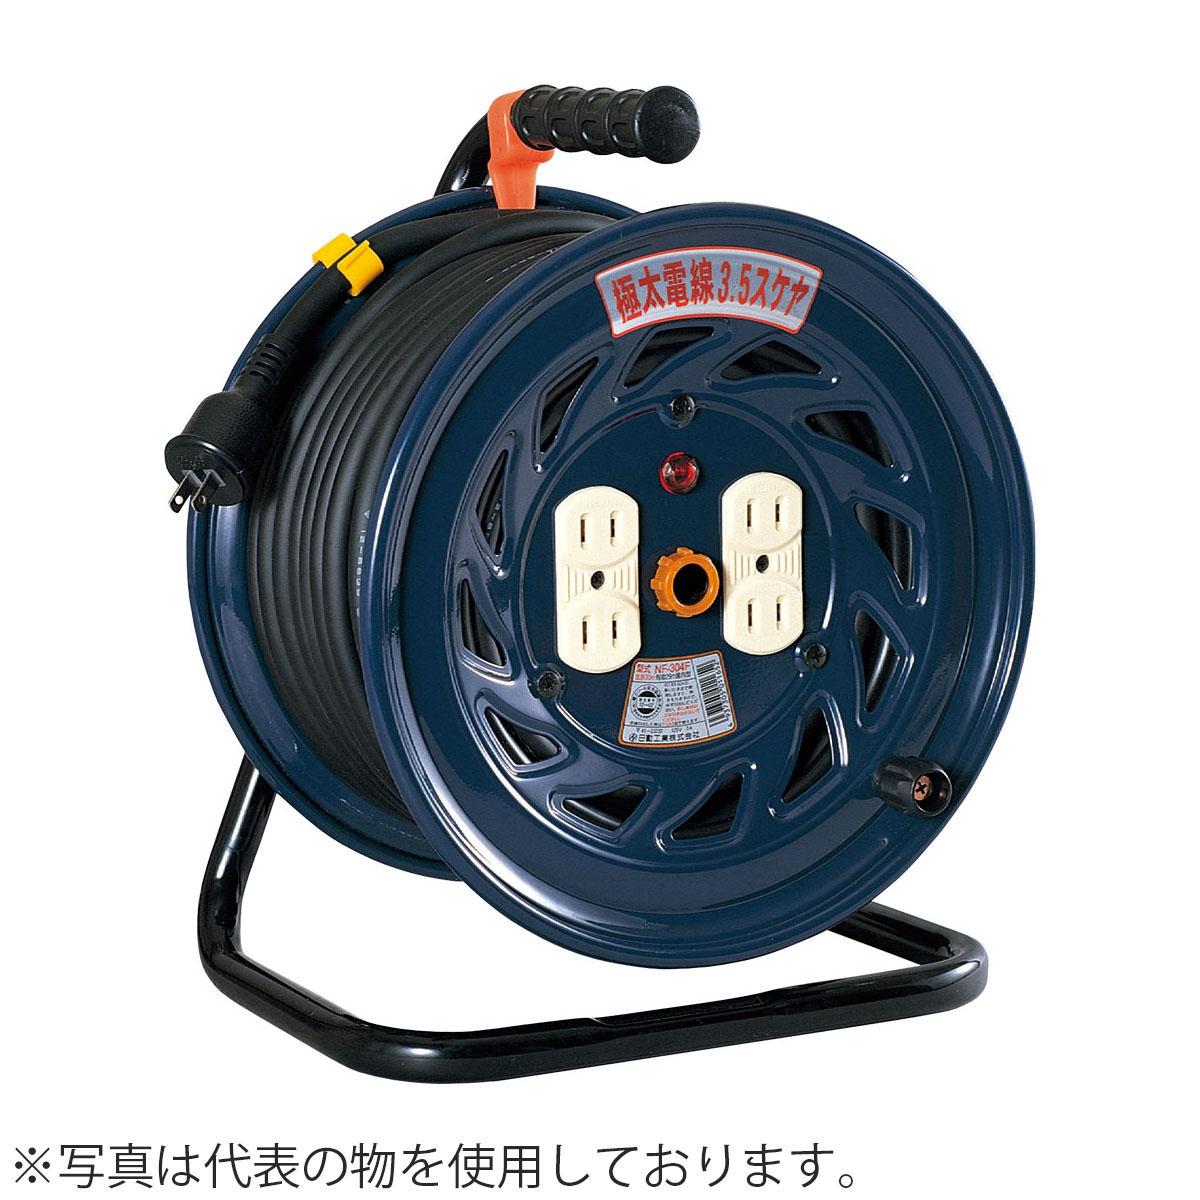 日動工業 30mコードリール 100V極太電線仕様ドラム(屋内用) NF-304F アース無 コンセント:4口